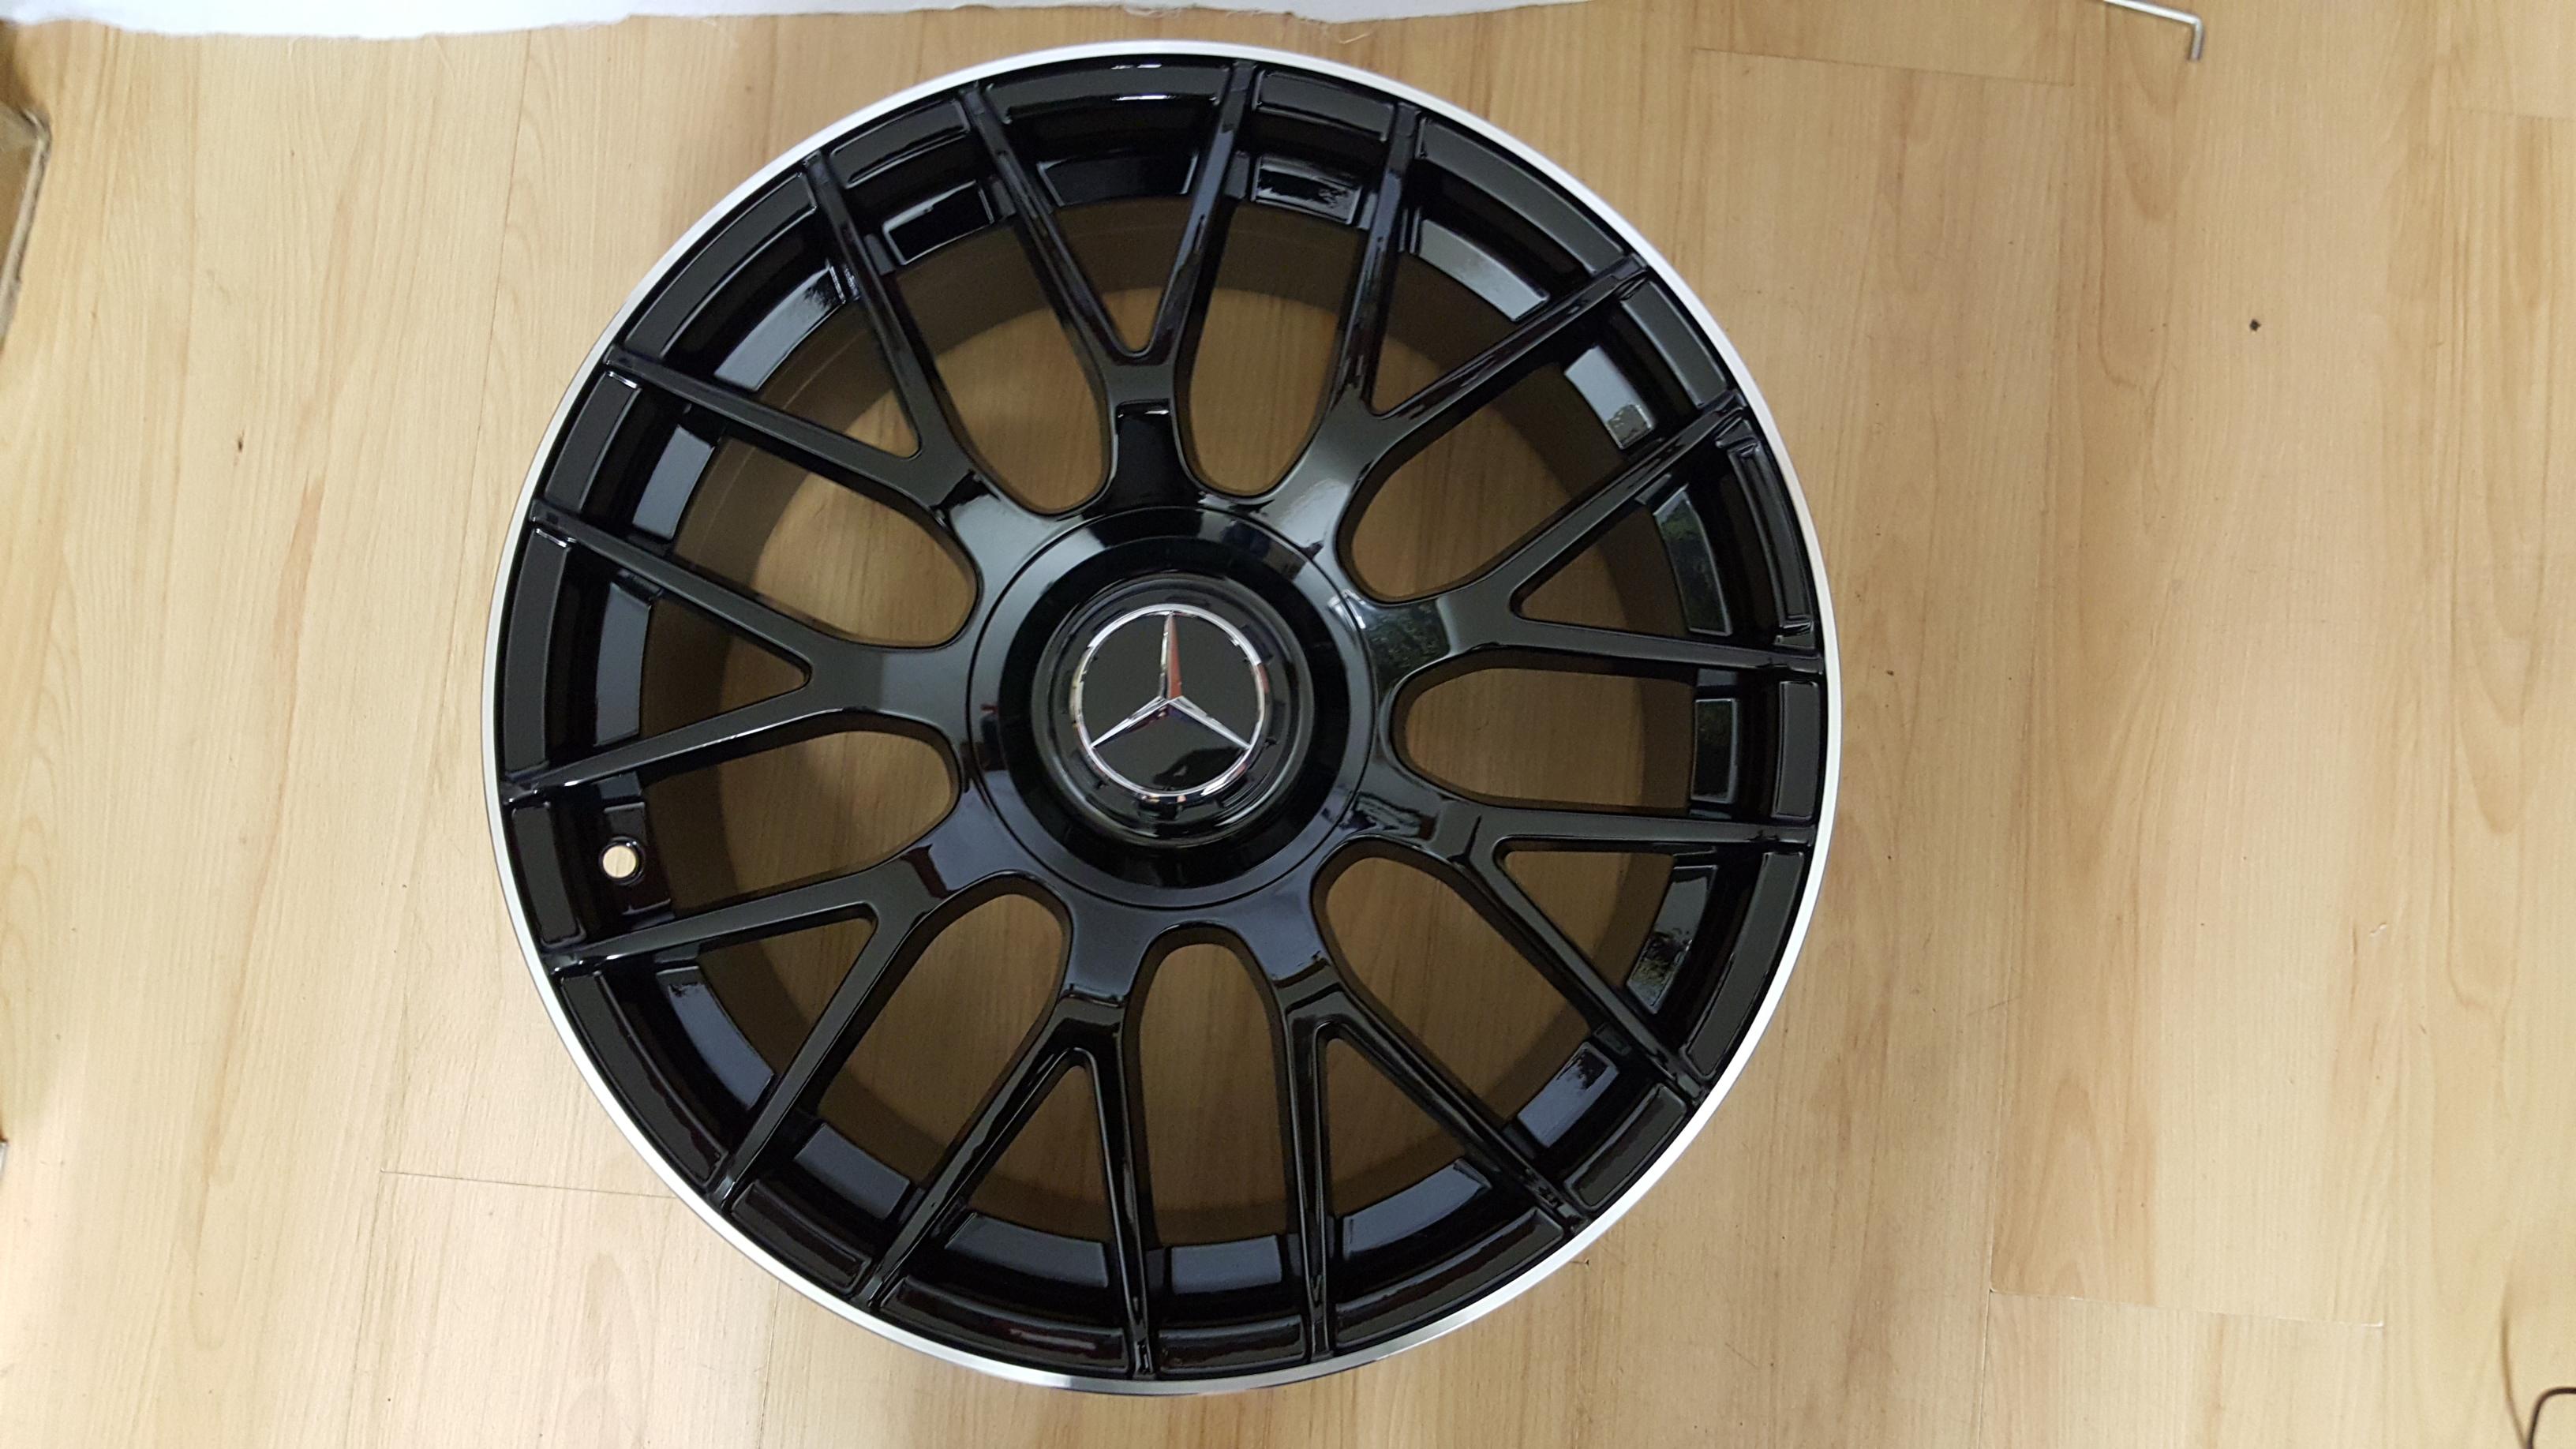 Alloy wheels mercedes benz amg model1261 18 8 5j et42 for Mercedes benz amg alloy wheels